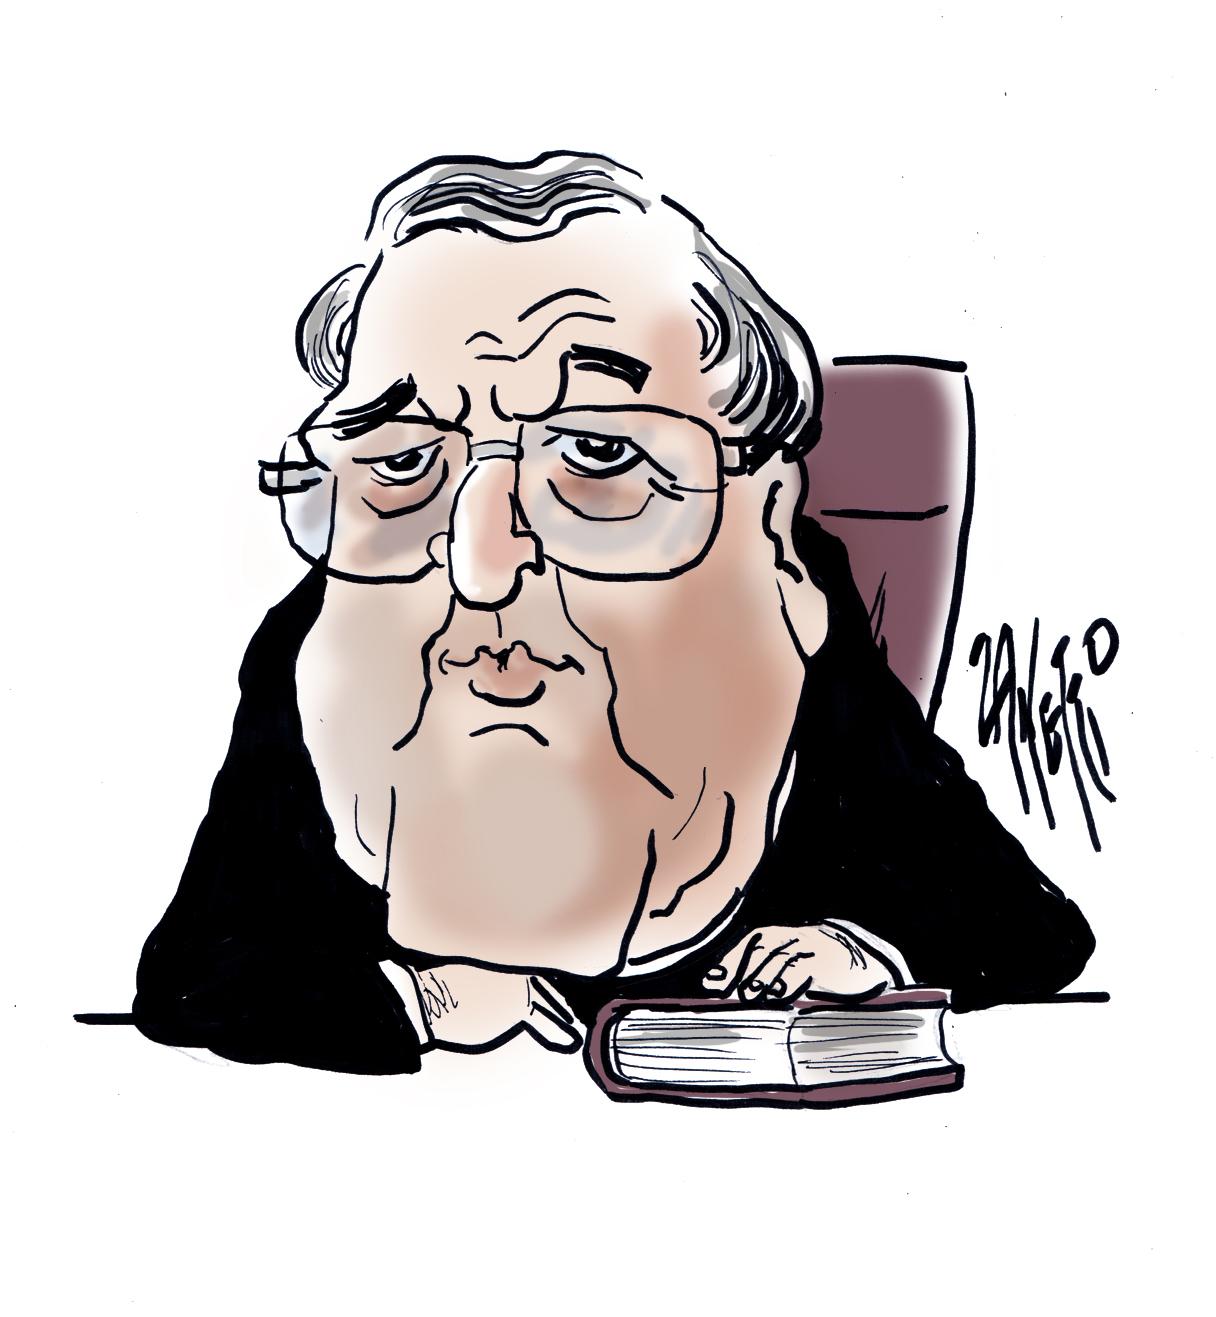 George Pell